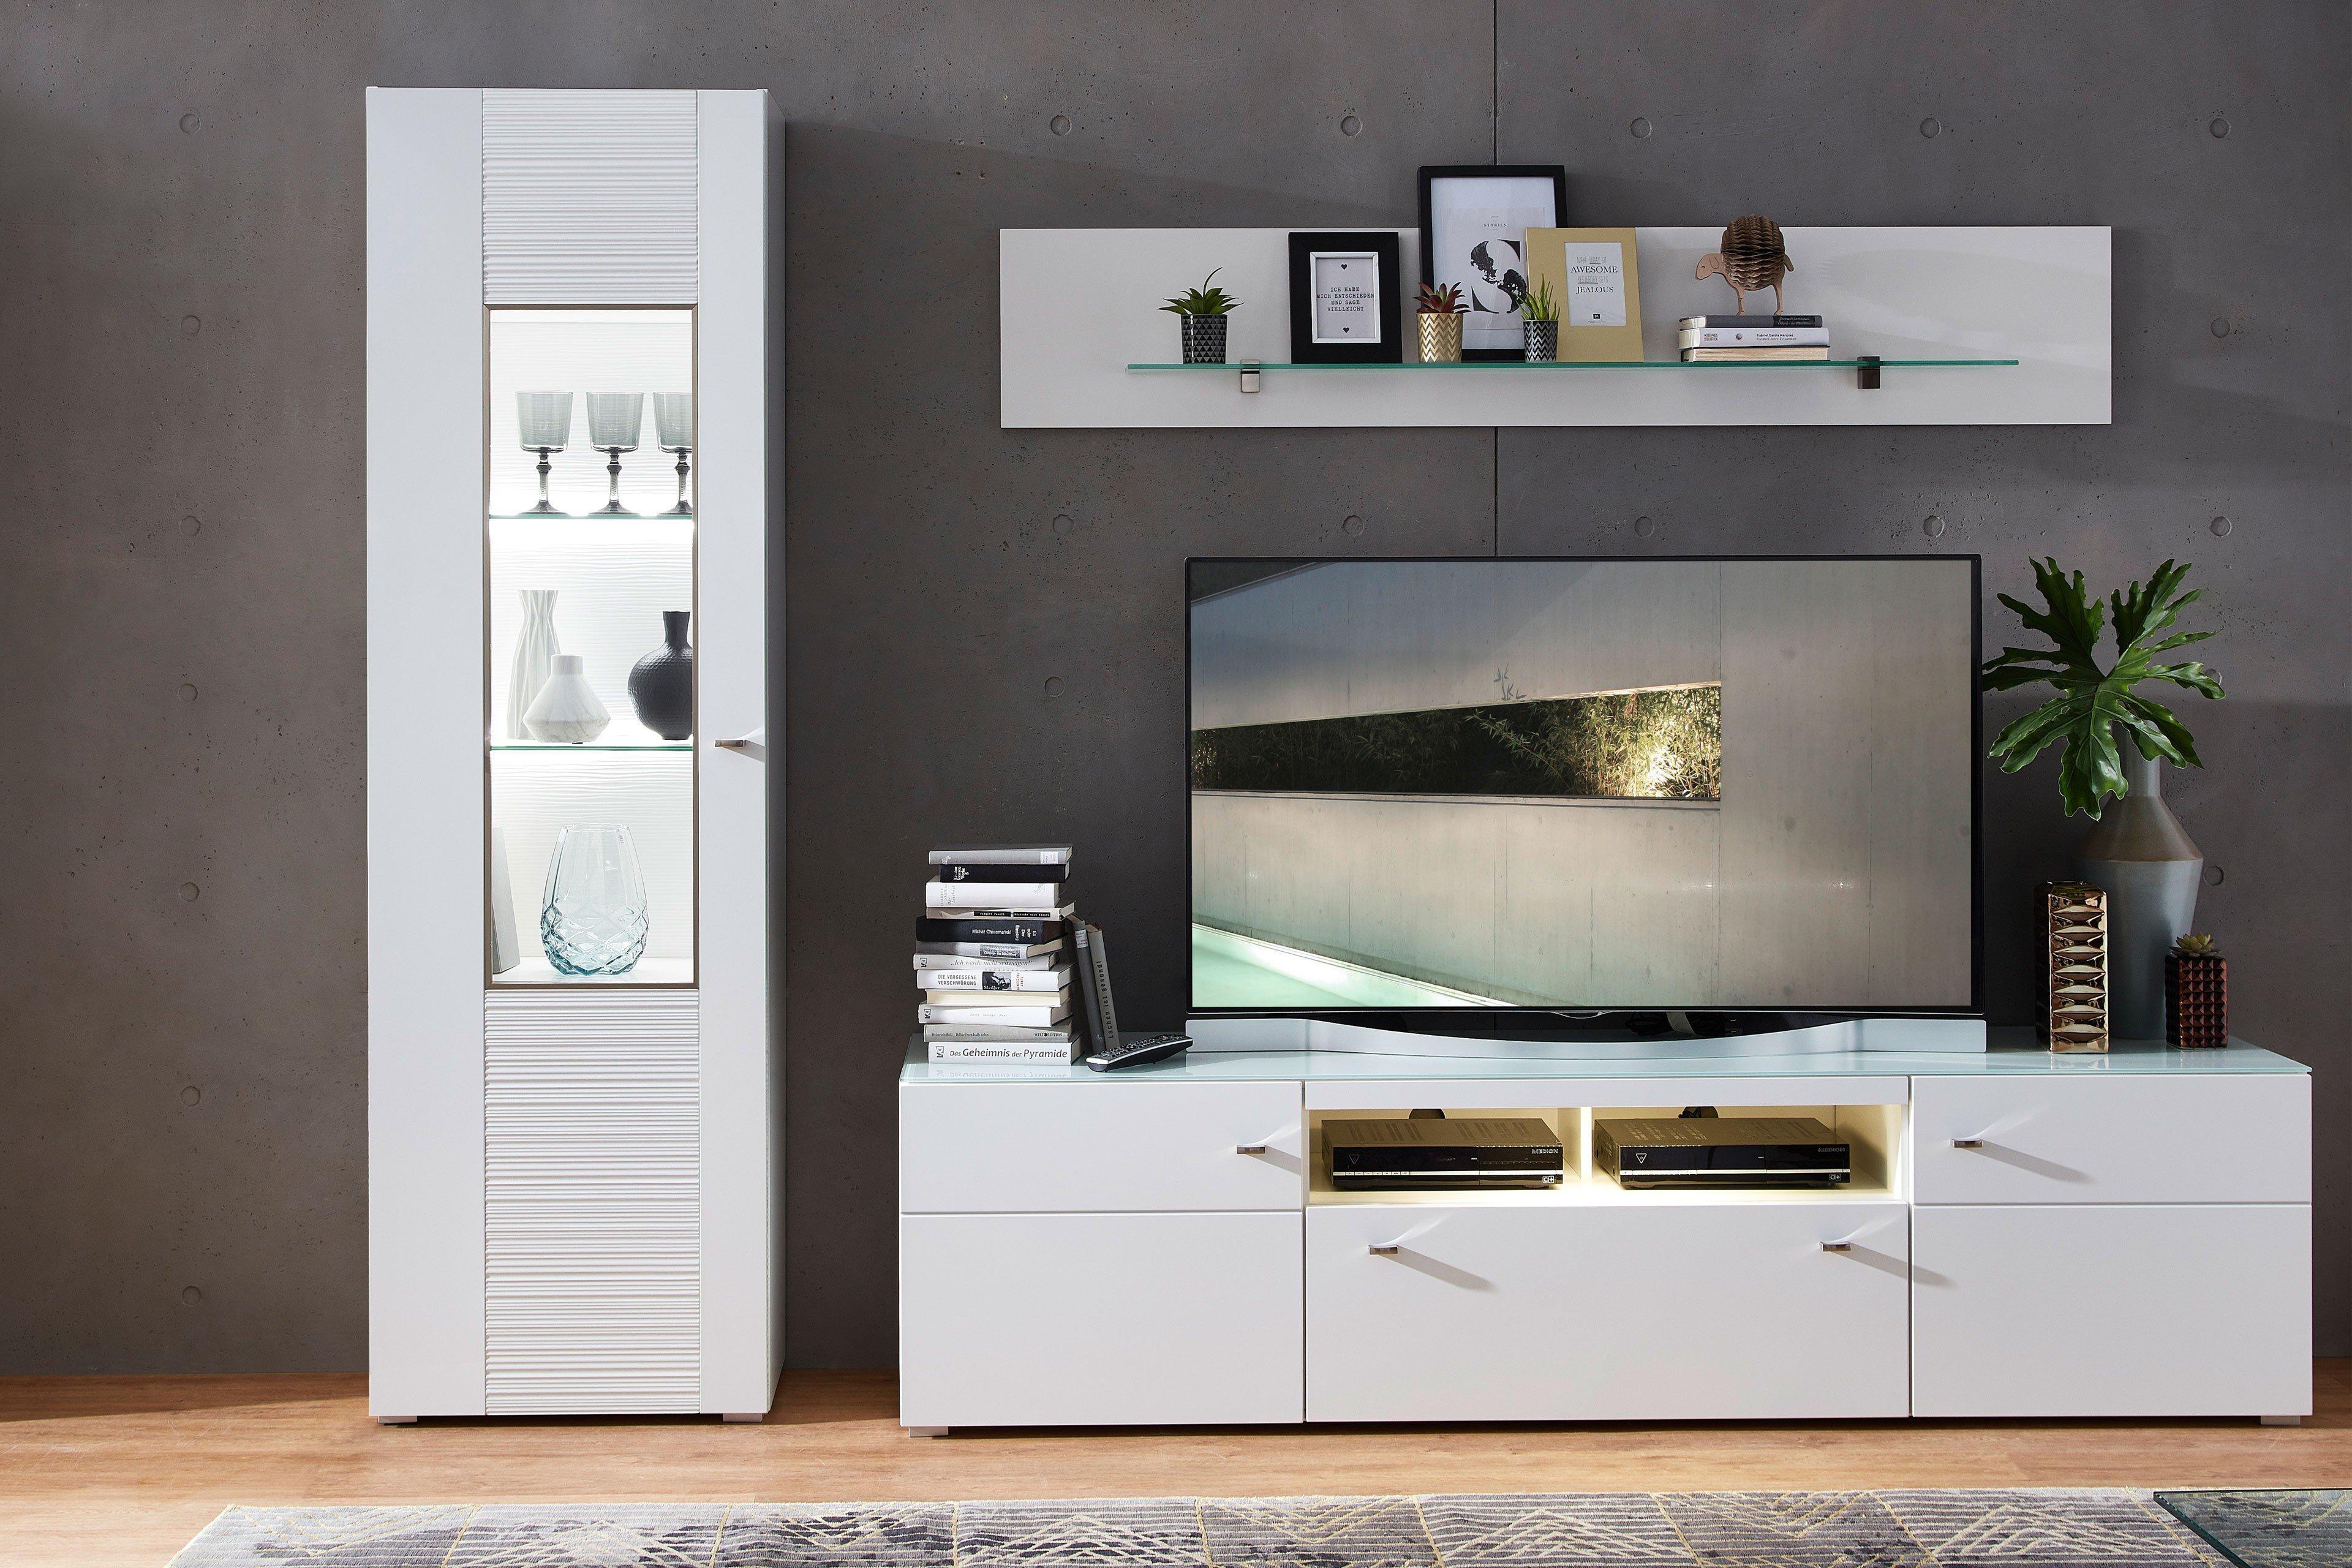 Erfreut Küchenmöbel Zum Verkauf In Durban Ideen - Ideen Für Die ...